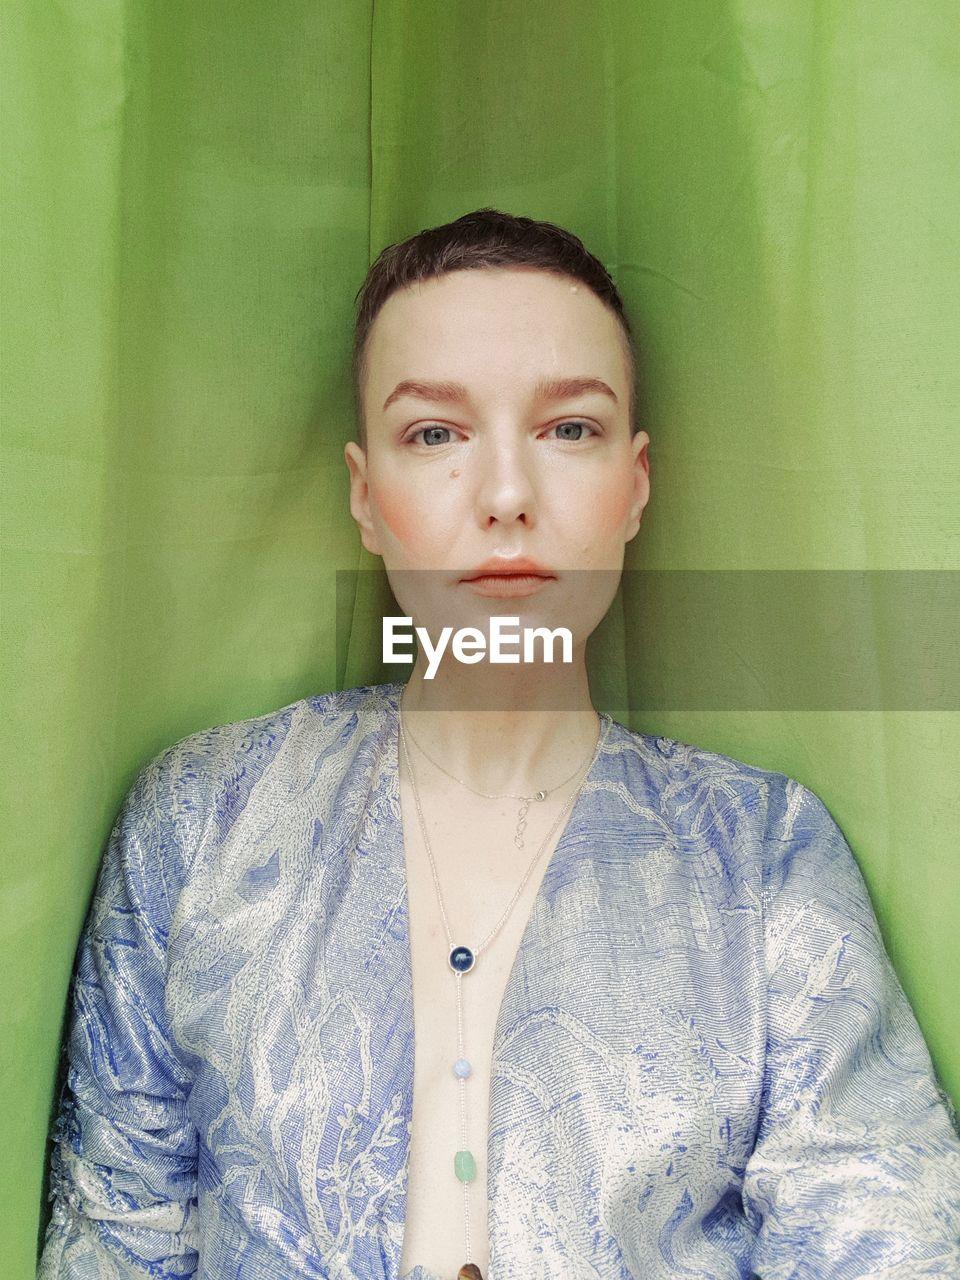 Portrait of woman against curtain